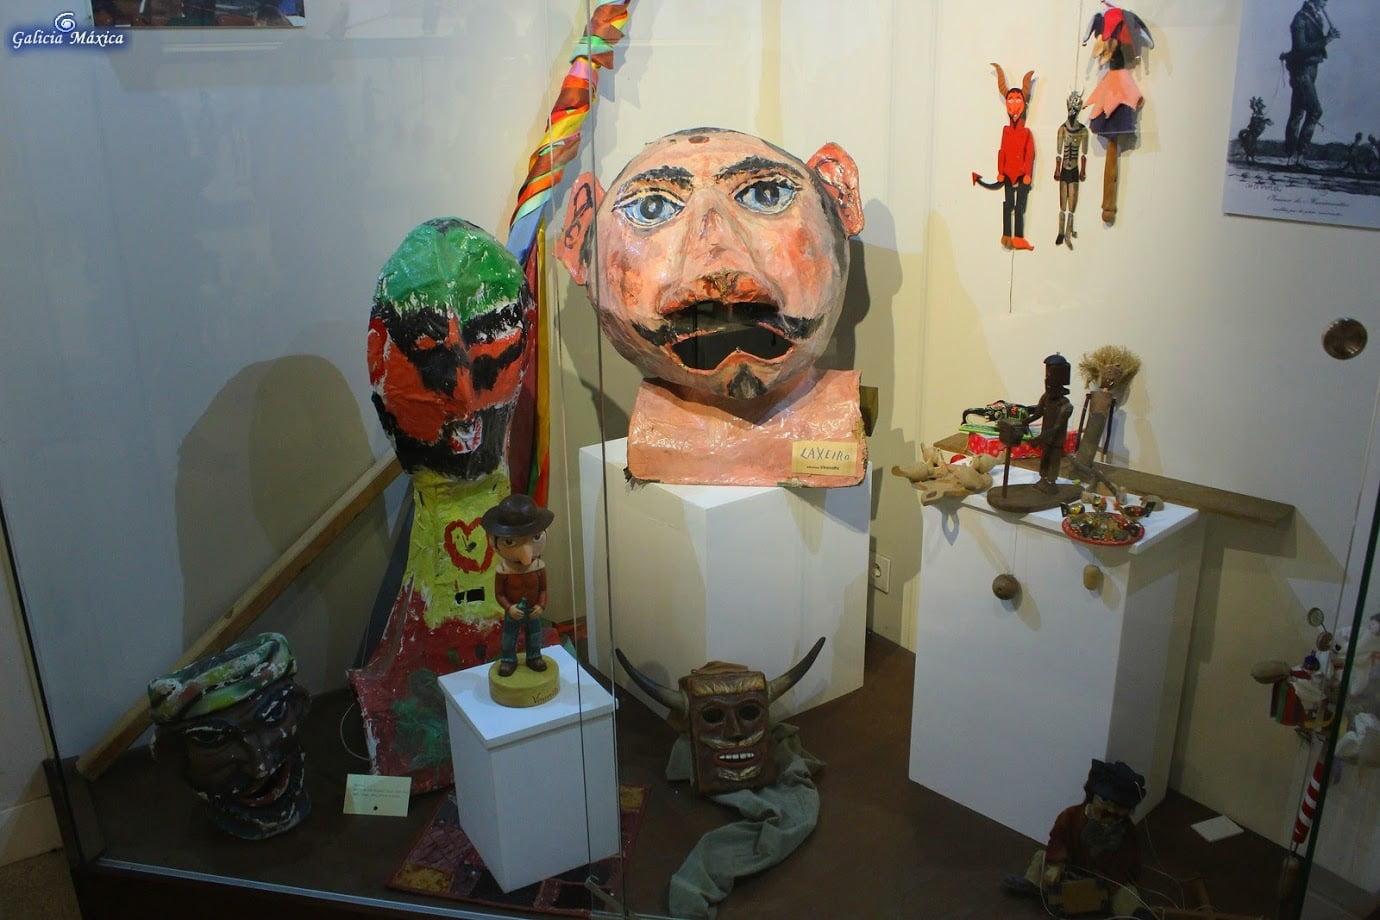 Museo de las marionetas